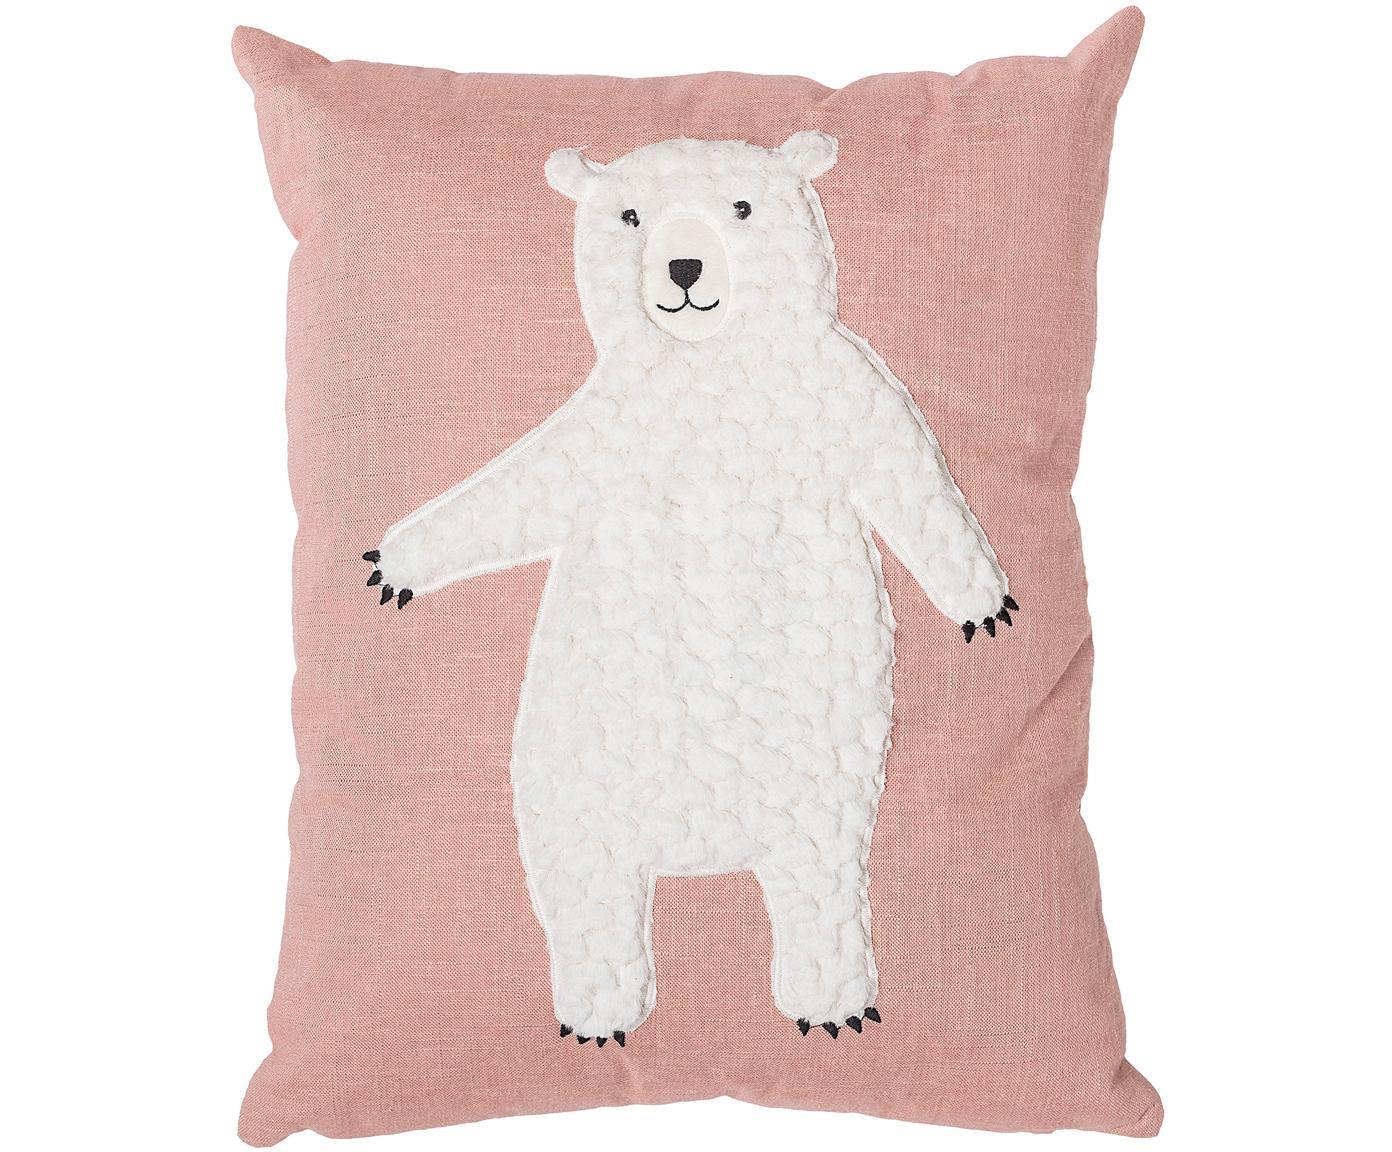 Kissen Bear, mit Inlett, Bezug: 70% Baumwolle, 30% Polyes, Rosa, Weiss, 40 x 50 cm